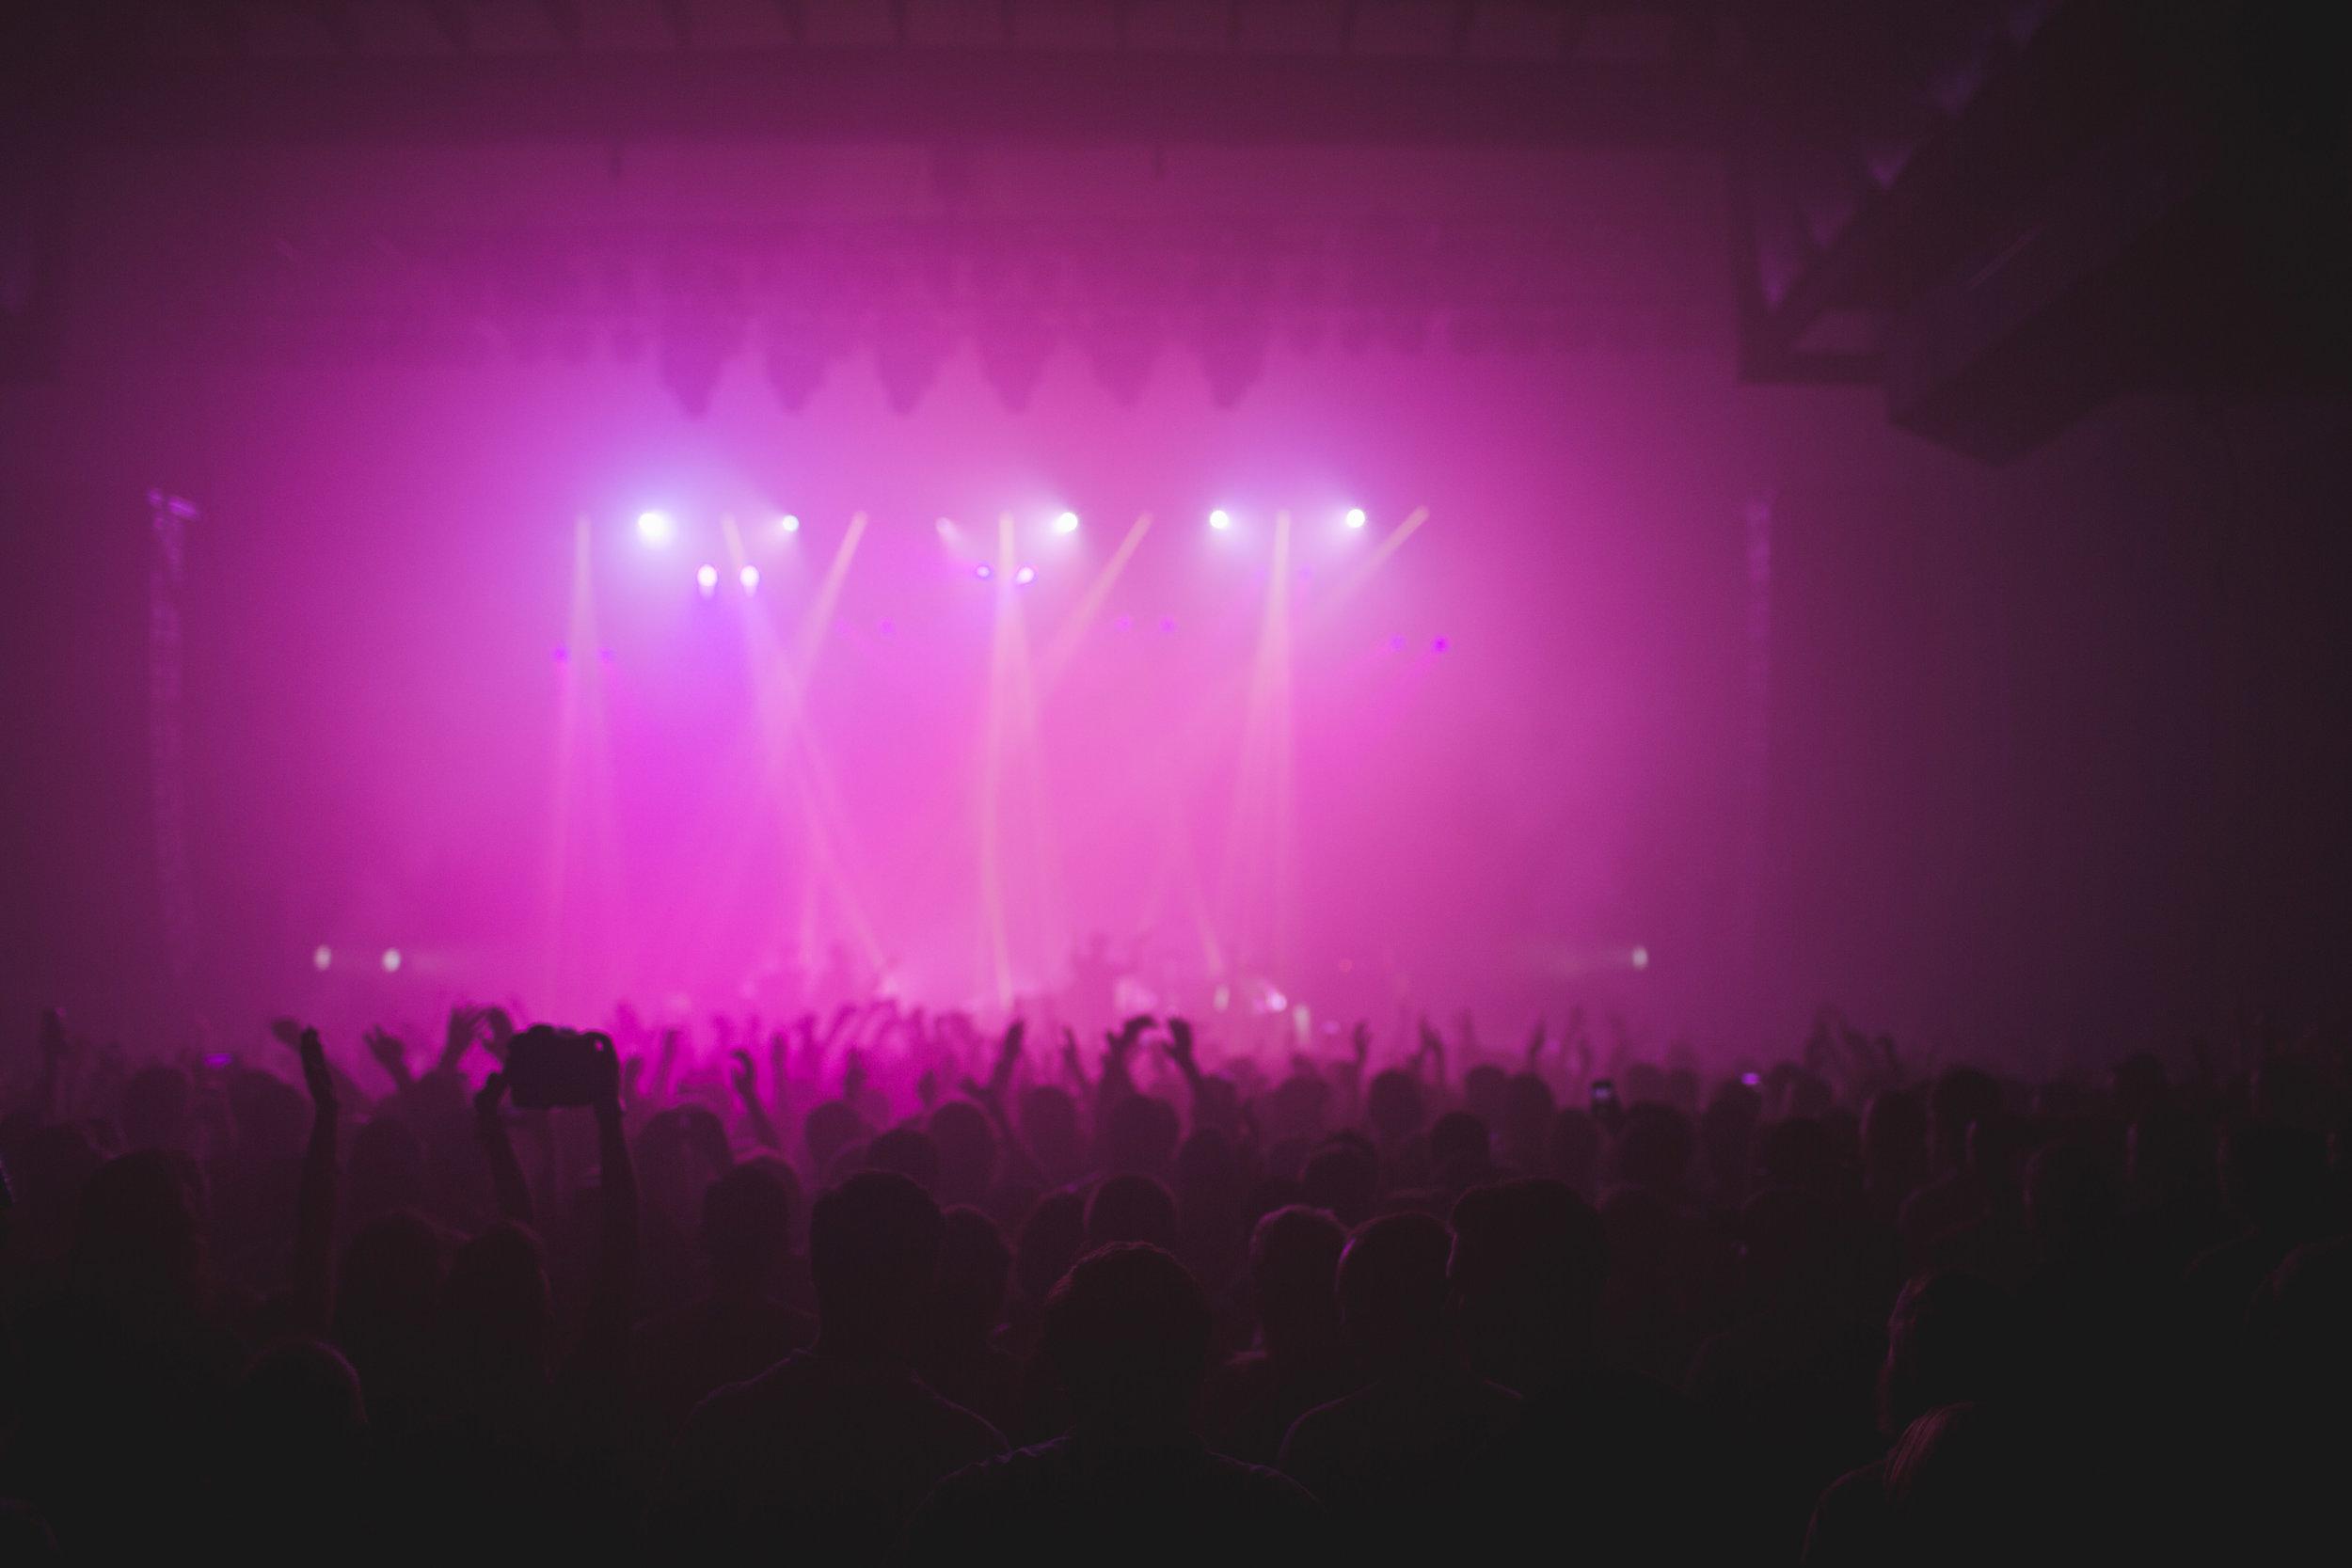 Tour-Music-Fans-2.jpg